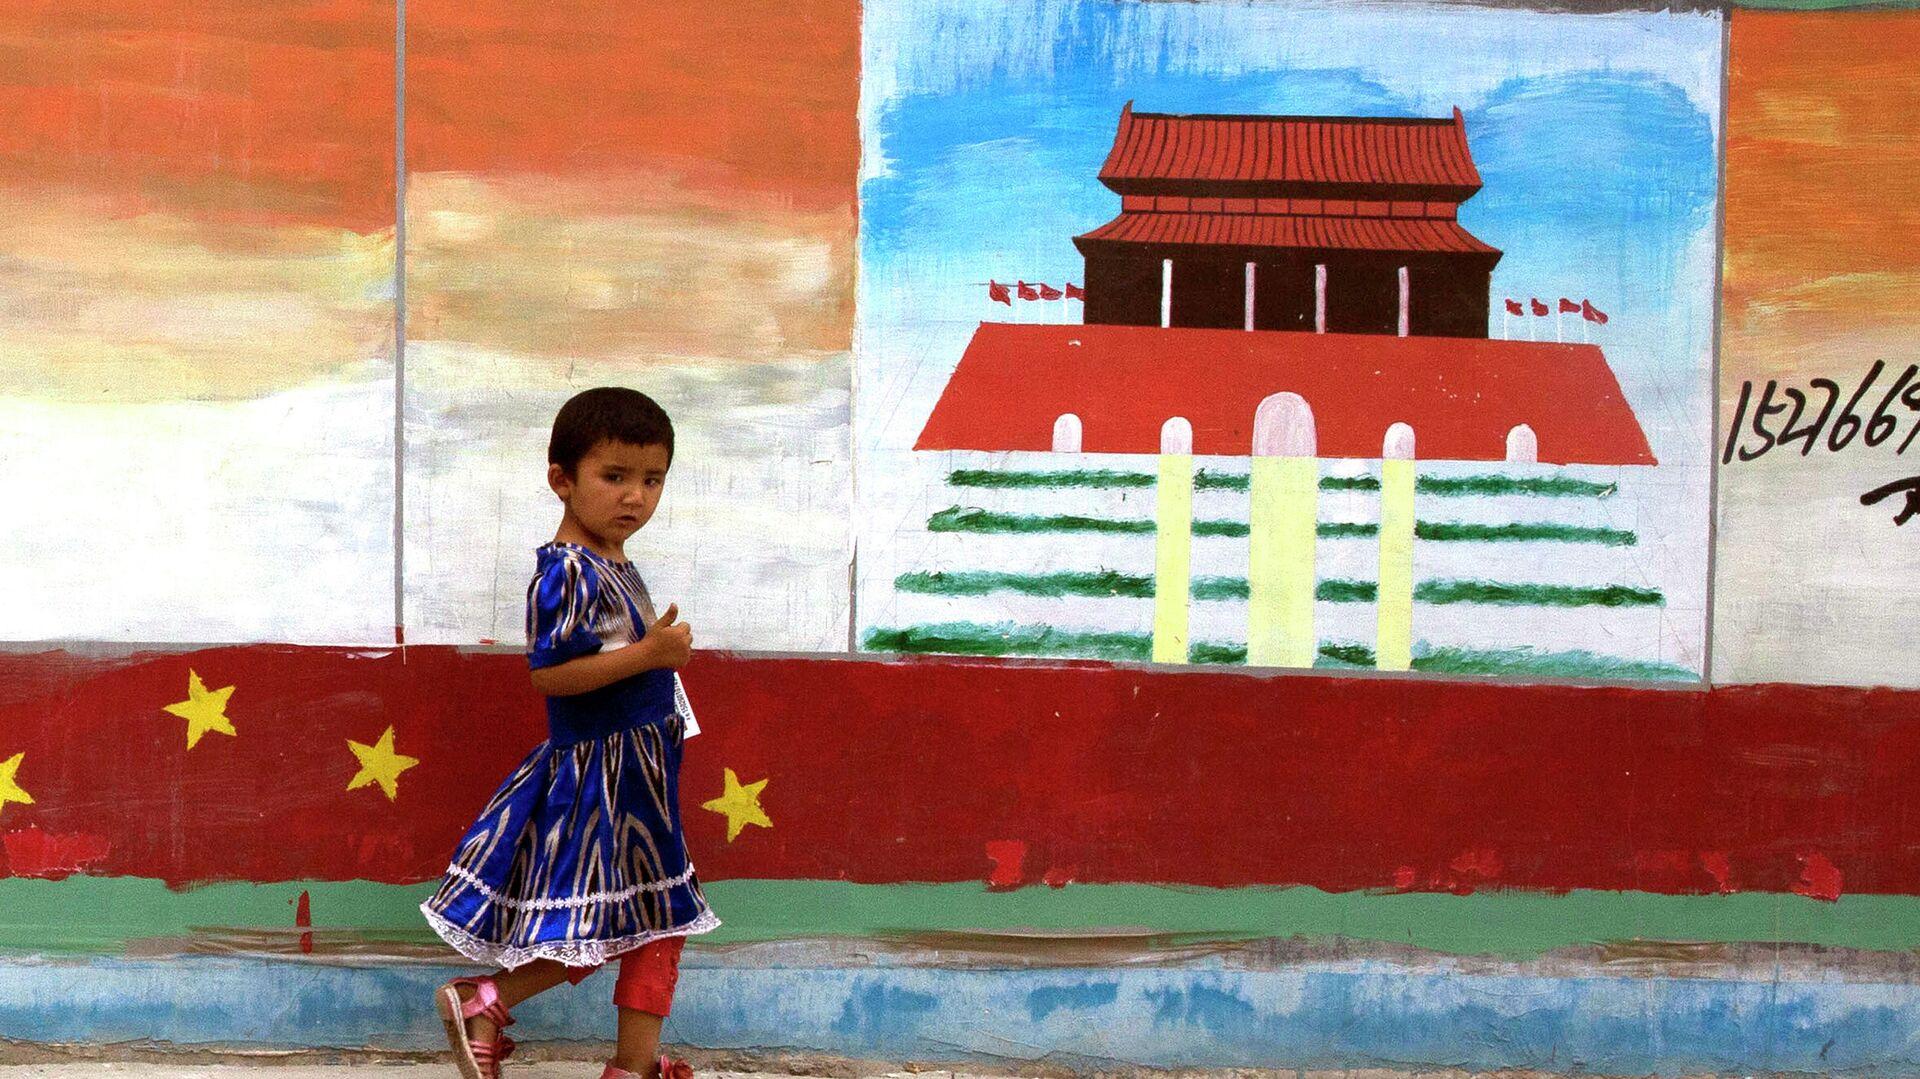 Девочка в китайской провинции Синьцзян - РИА Новости, 1920, 12.01.2021